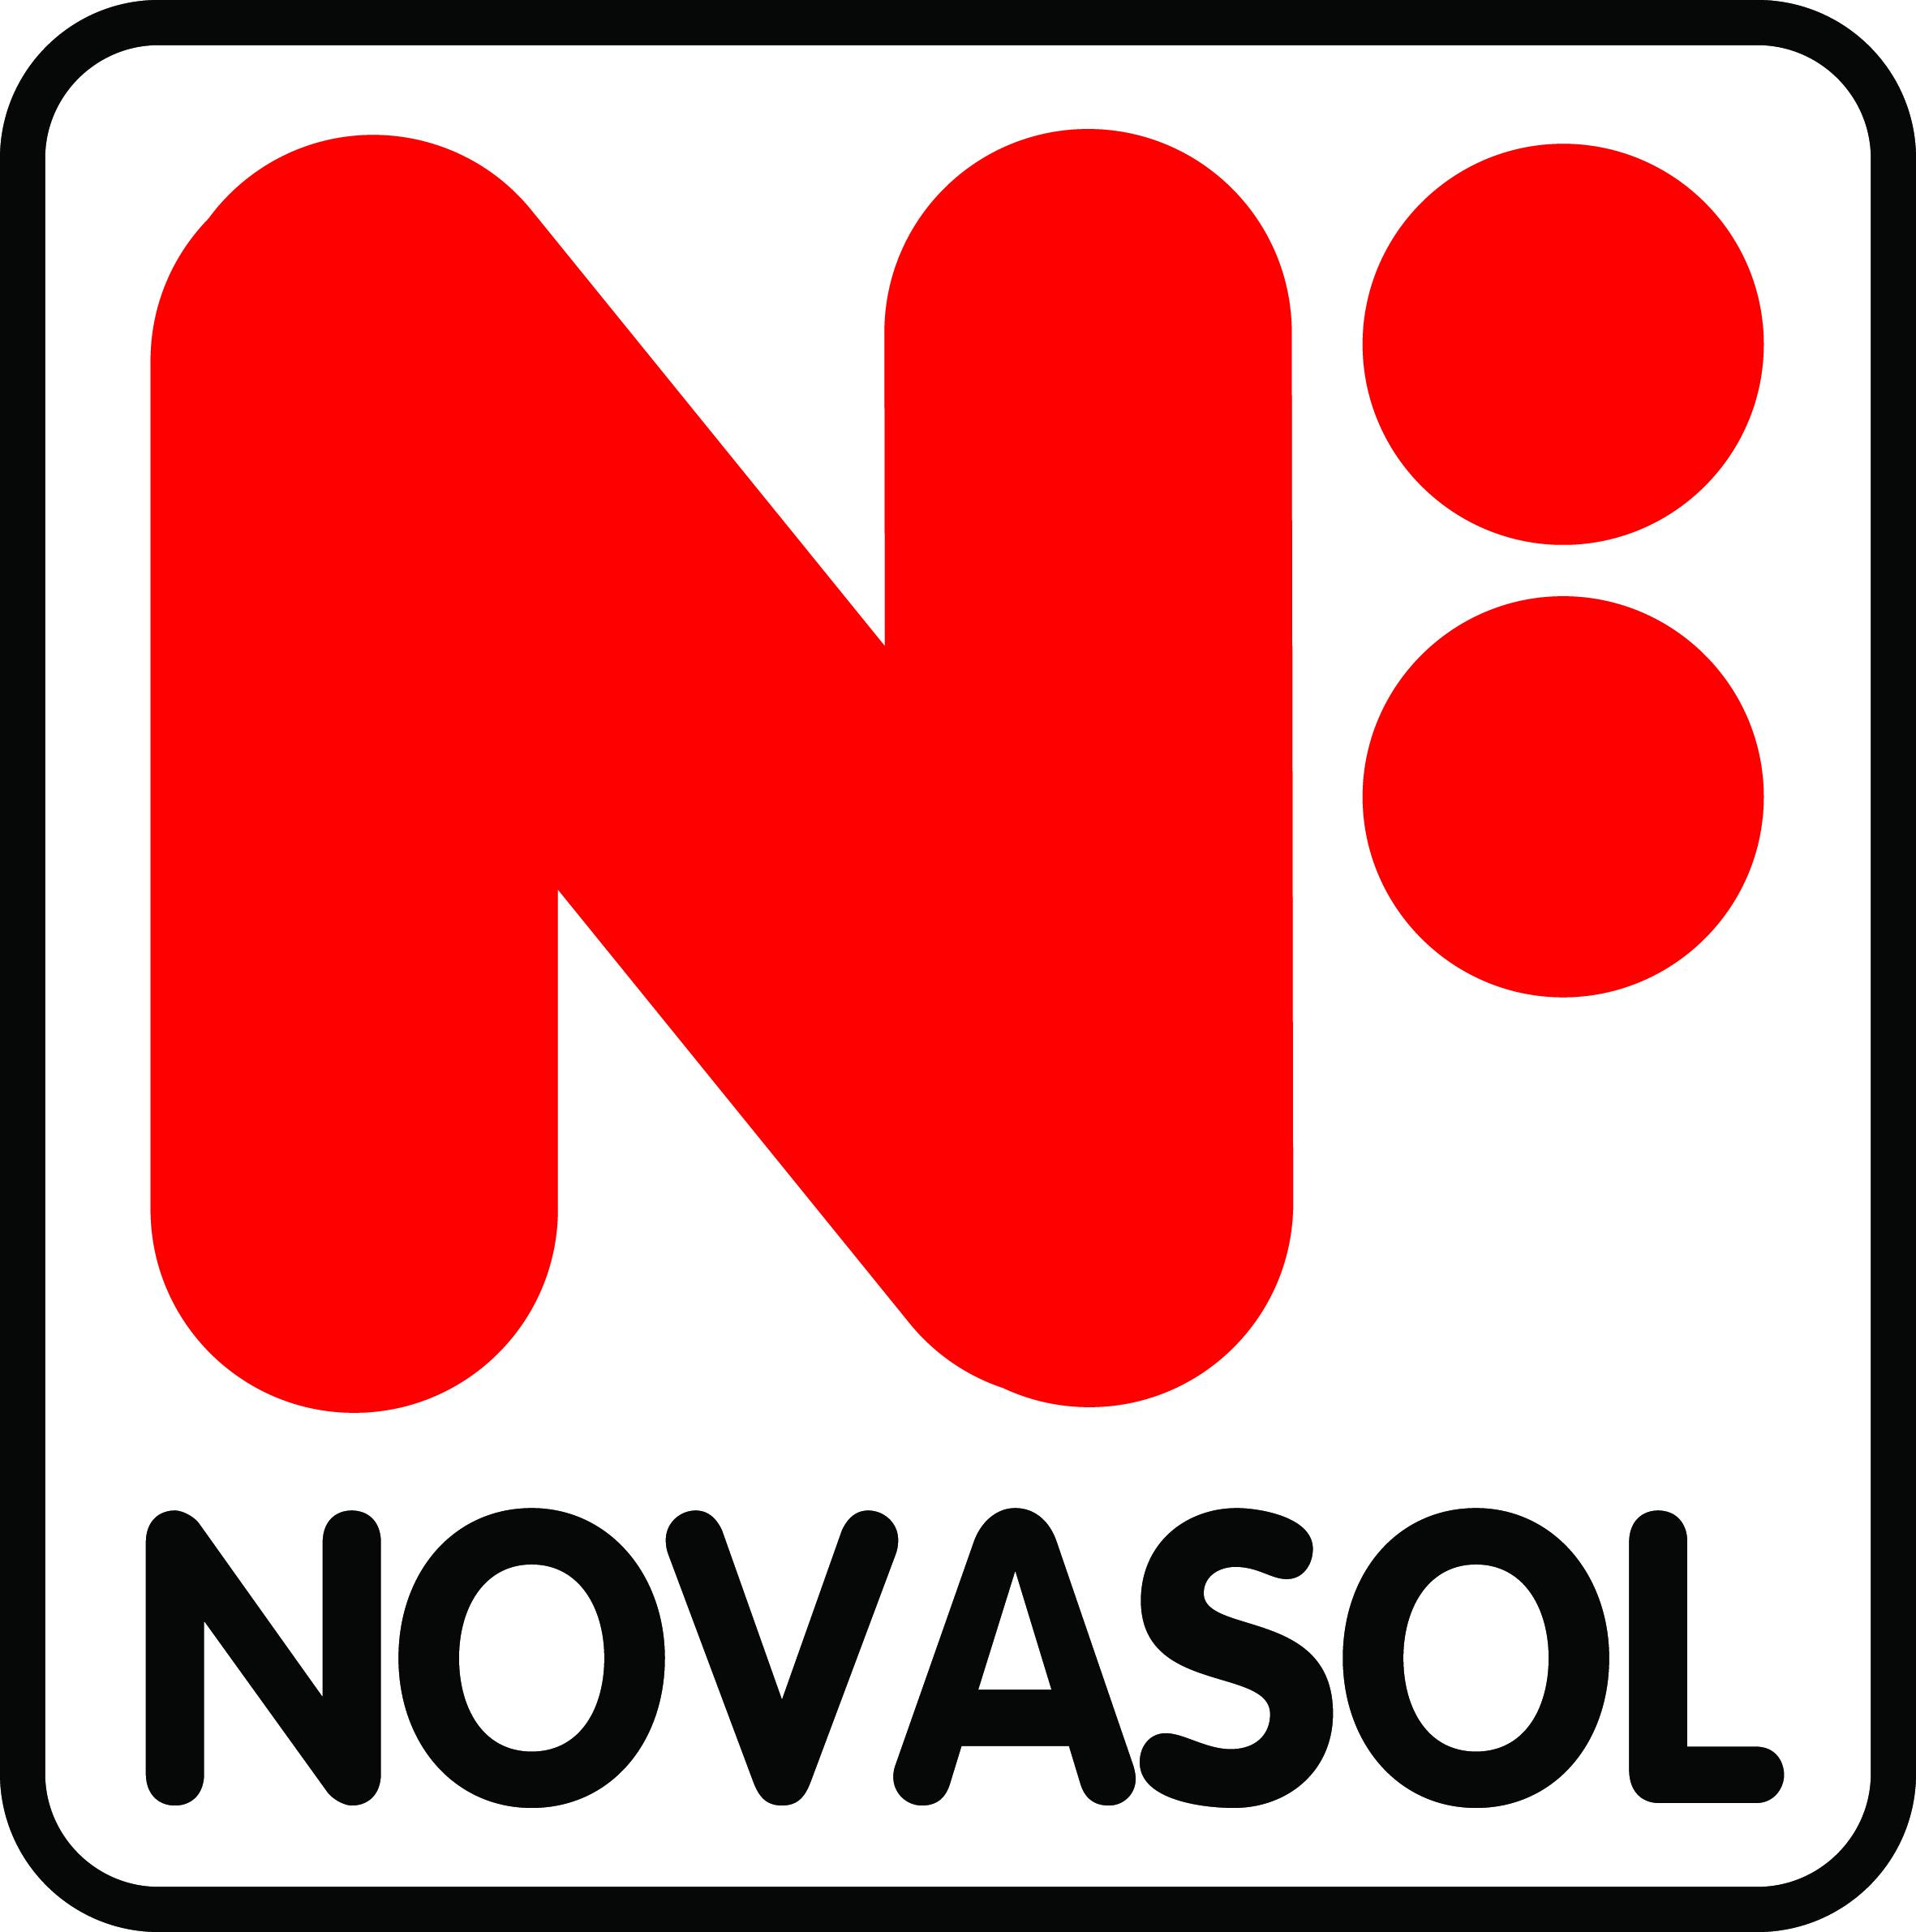 Novasol CMYK_20x20cm_300dpi